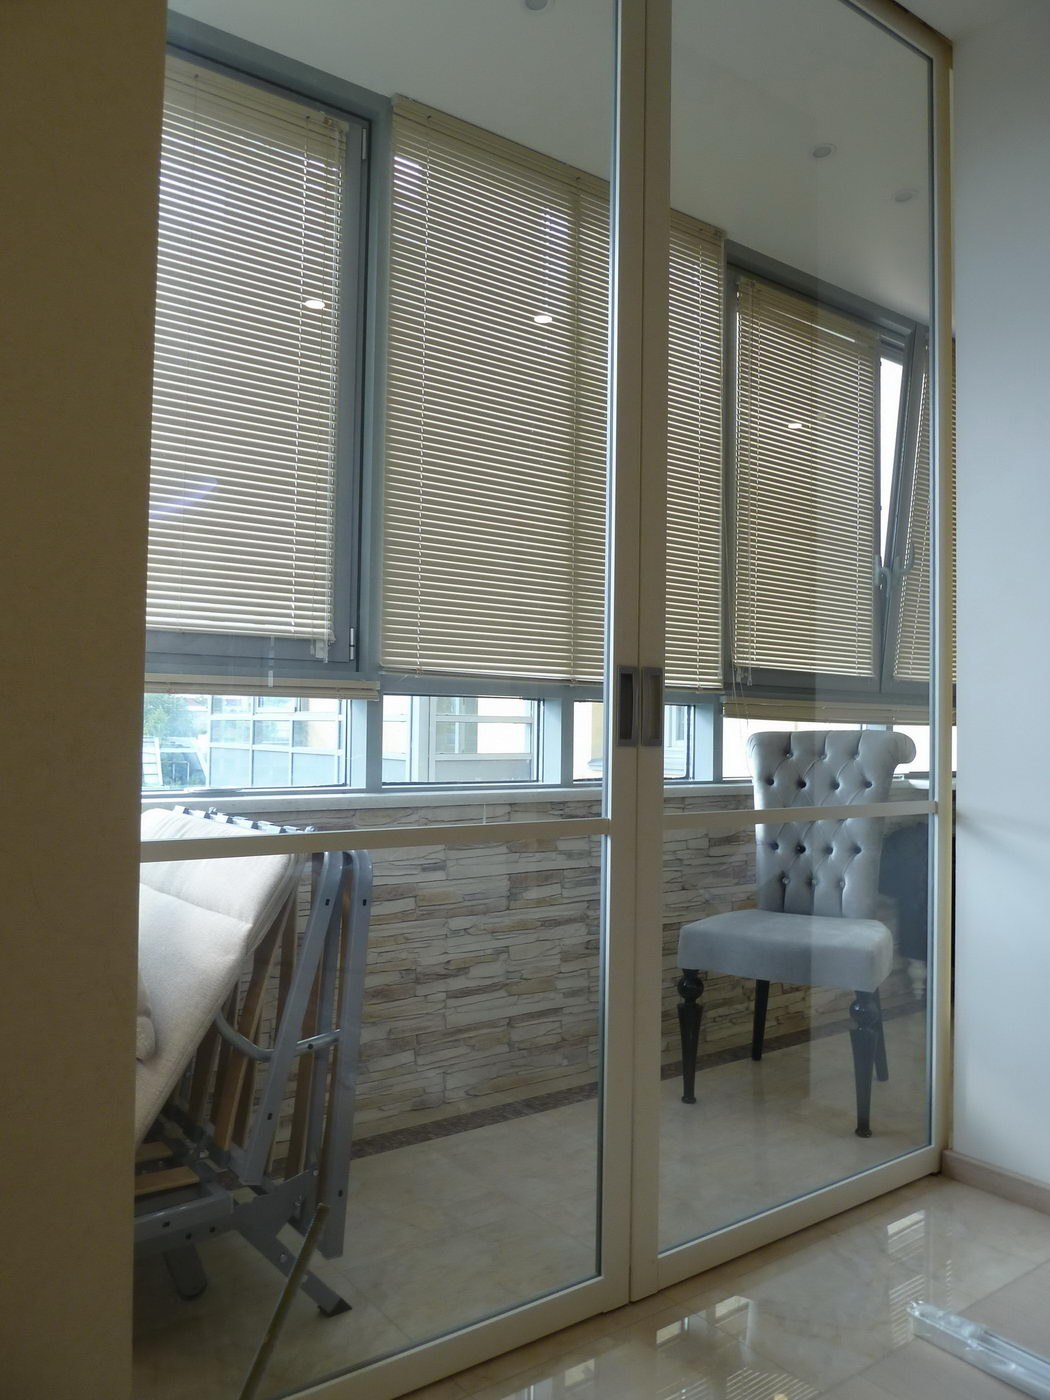 Раздвижные двери между кухней и балконом фото.